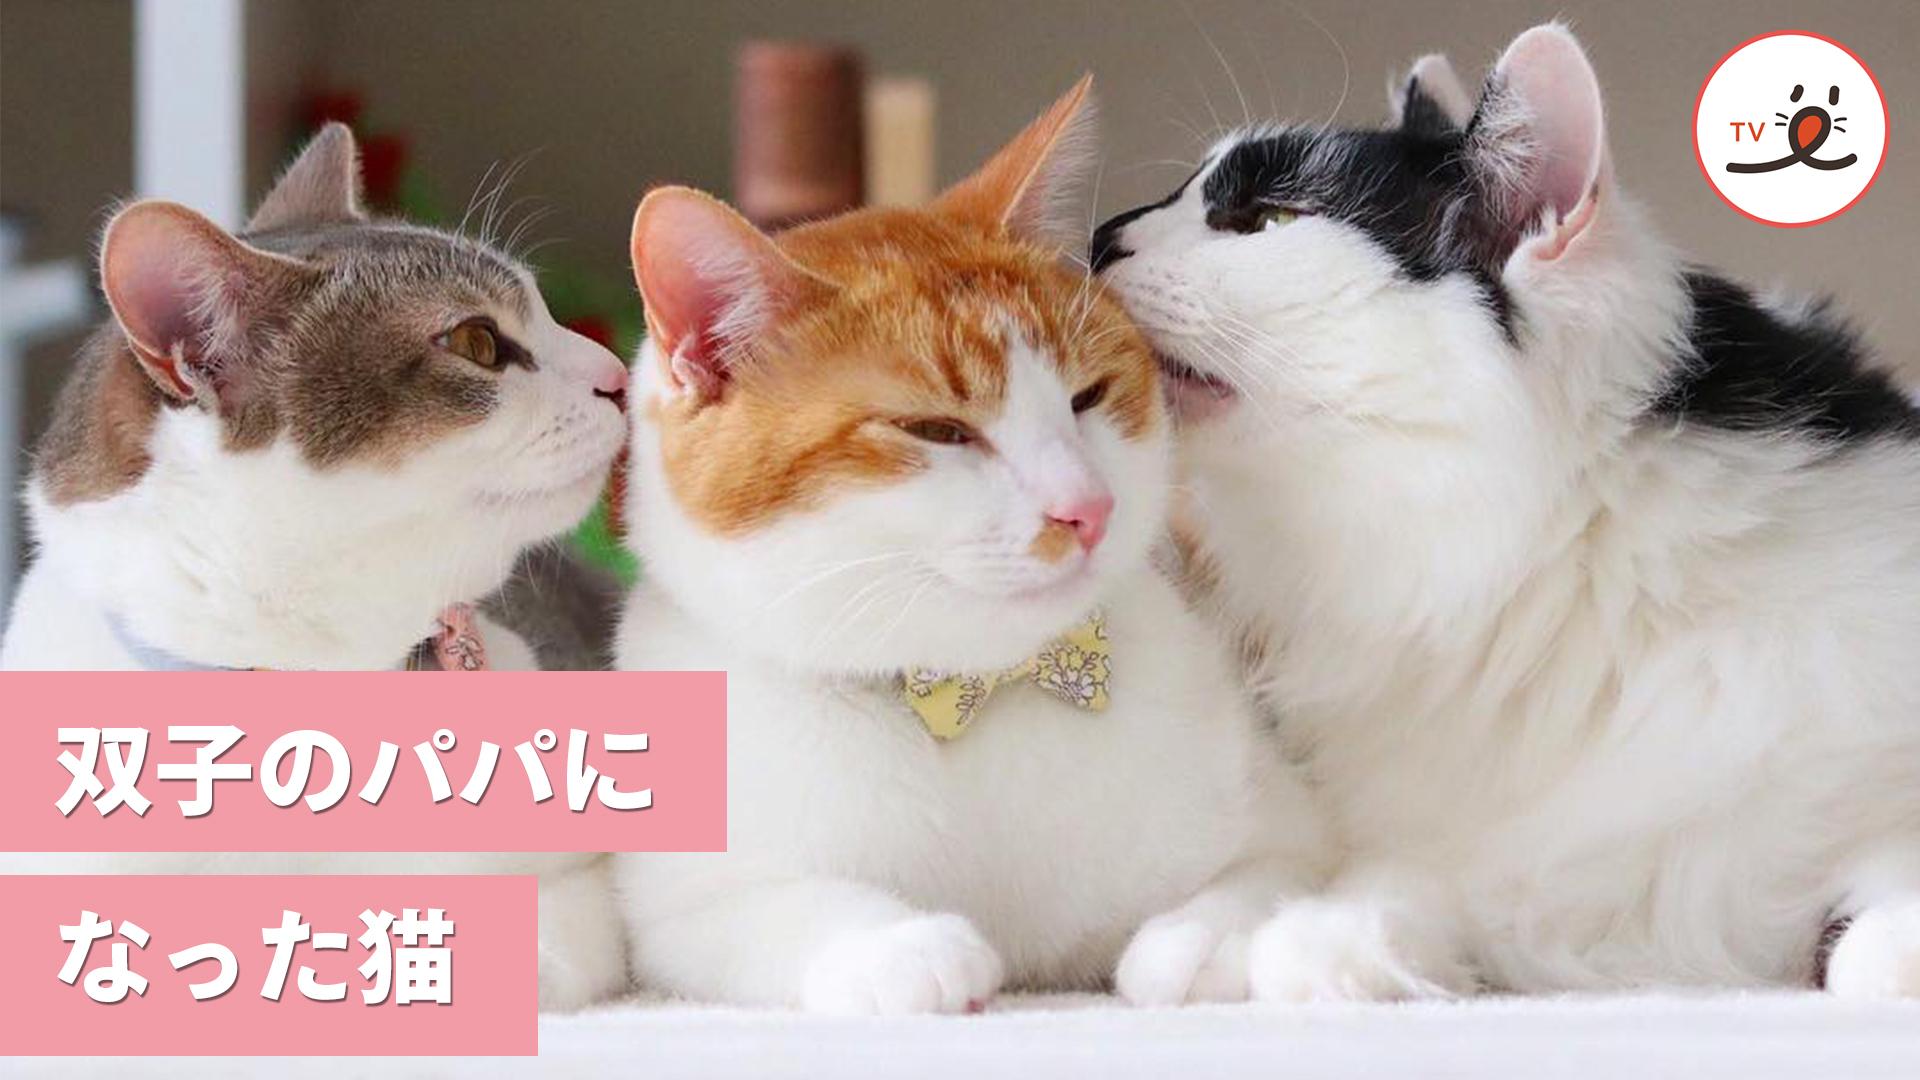 今日からぼくがパパになる! 双子の保護猫を育てたお兄ちゃん猫😻